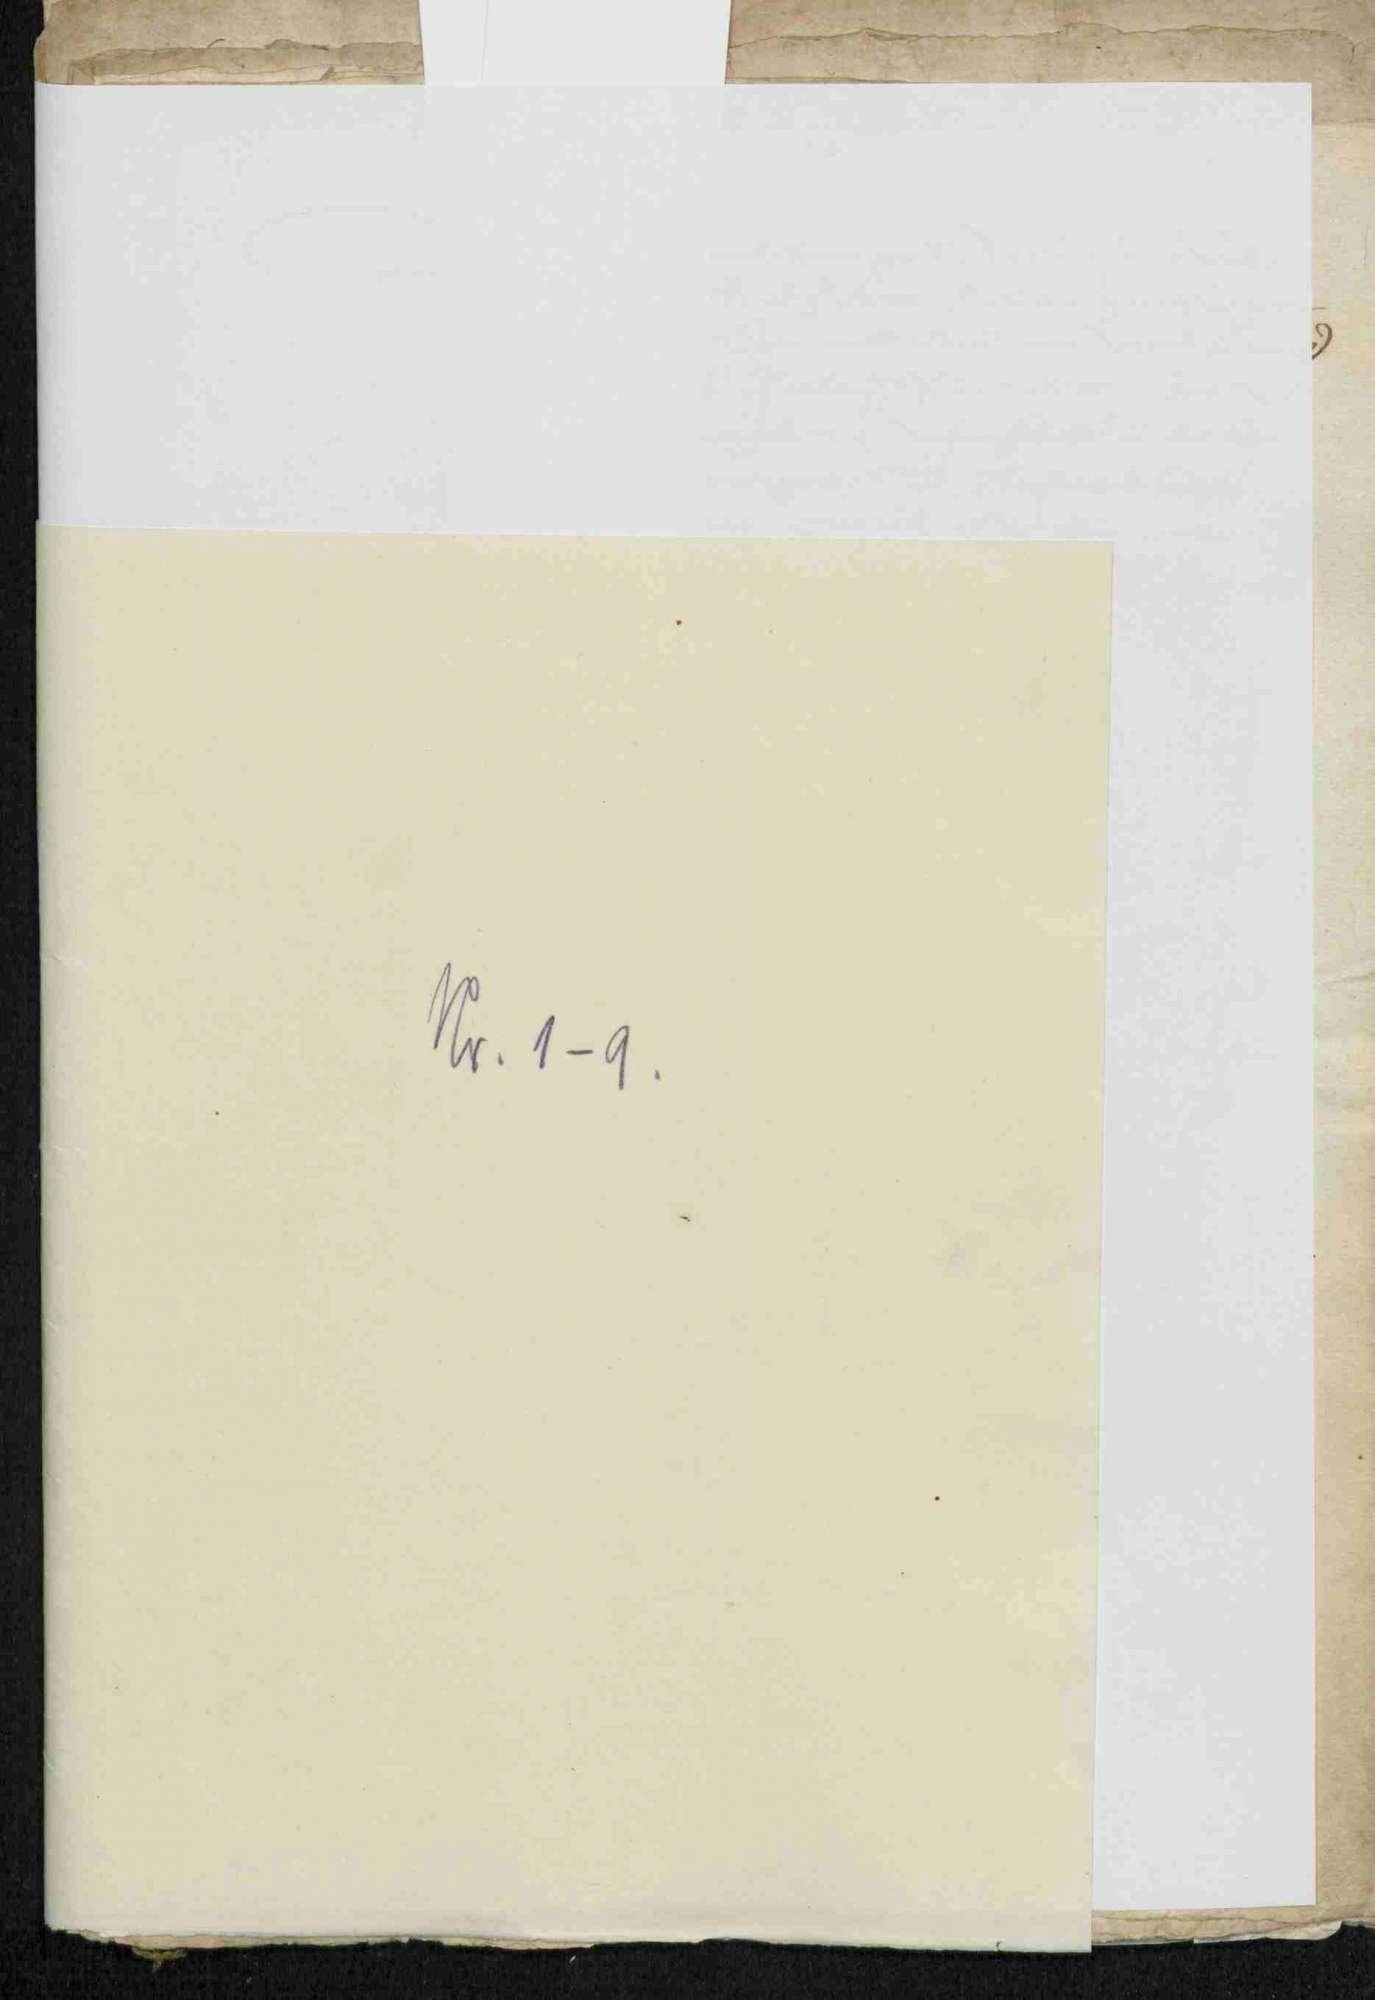 Vermischte Schriften zu Vorgängen während des Bauernkrieges und danach, Bild 3